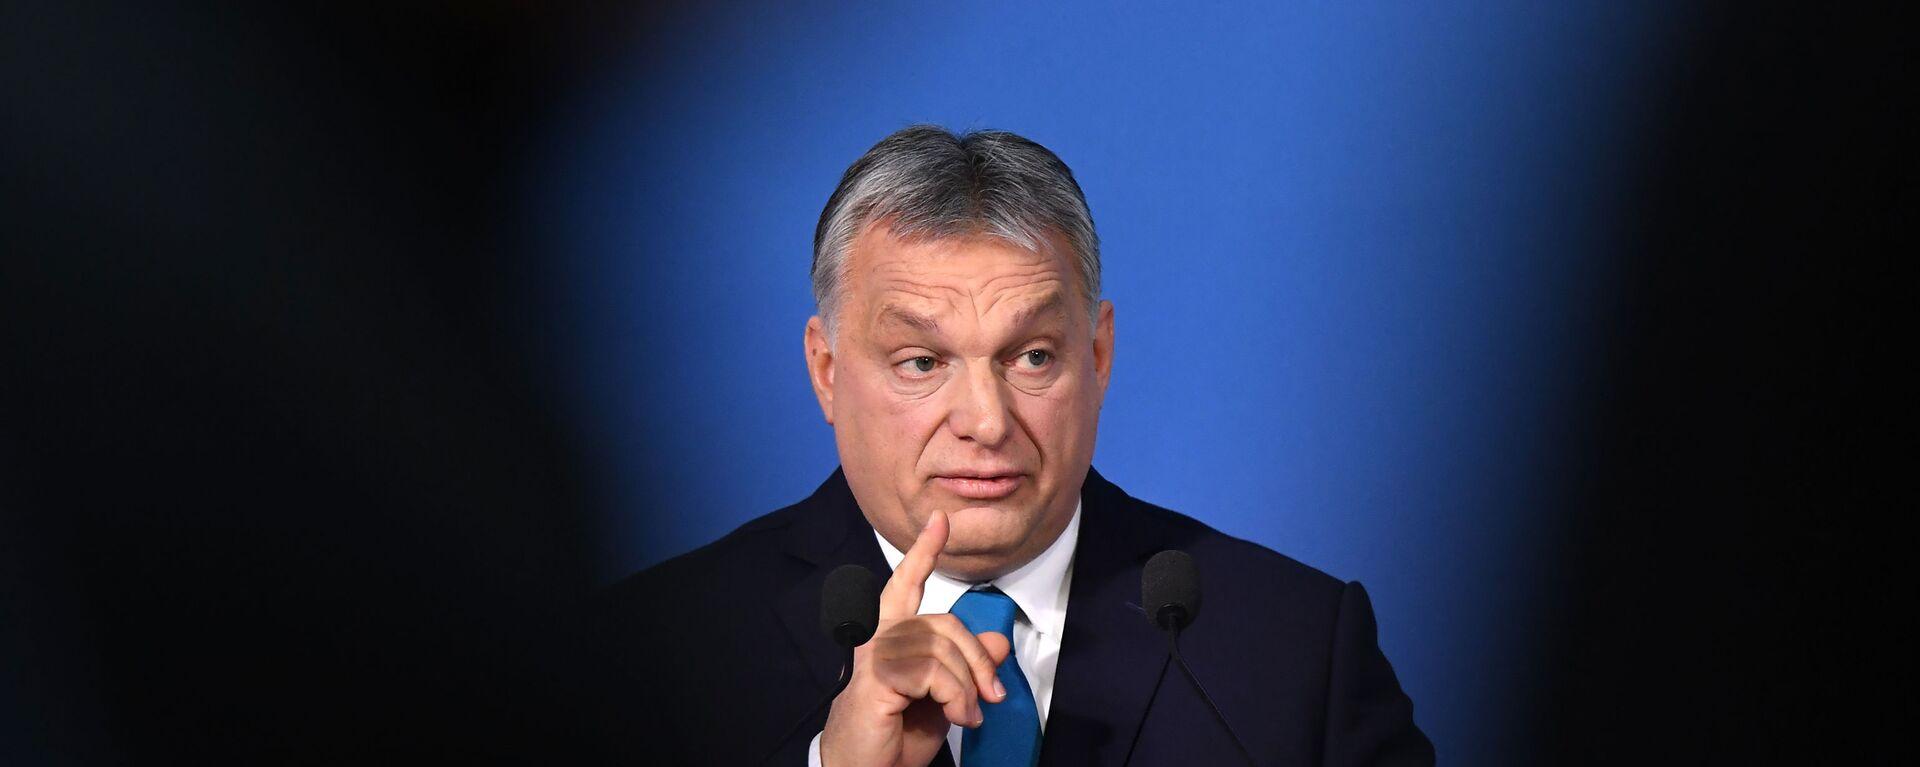 Премијер Мађарске Виктор Орбан  - Sputnik Србија, 1920, 16.07.2021